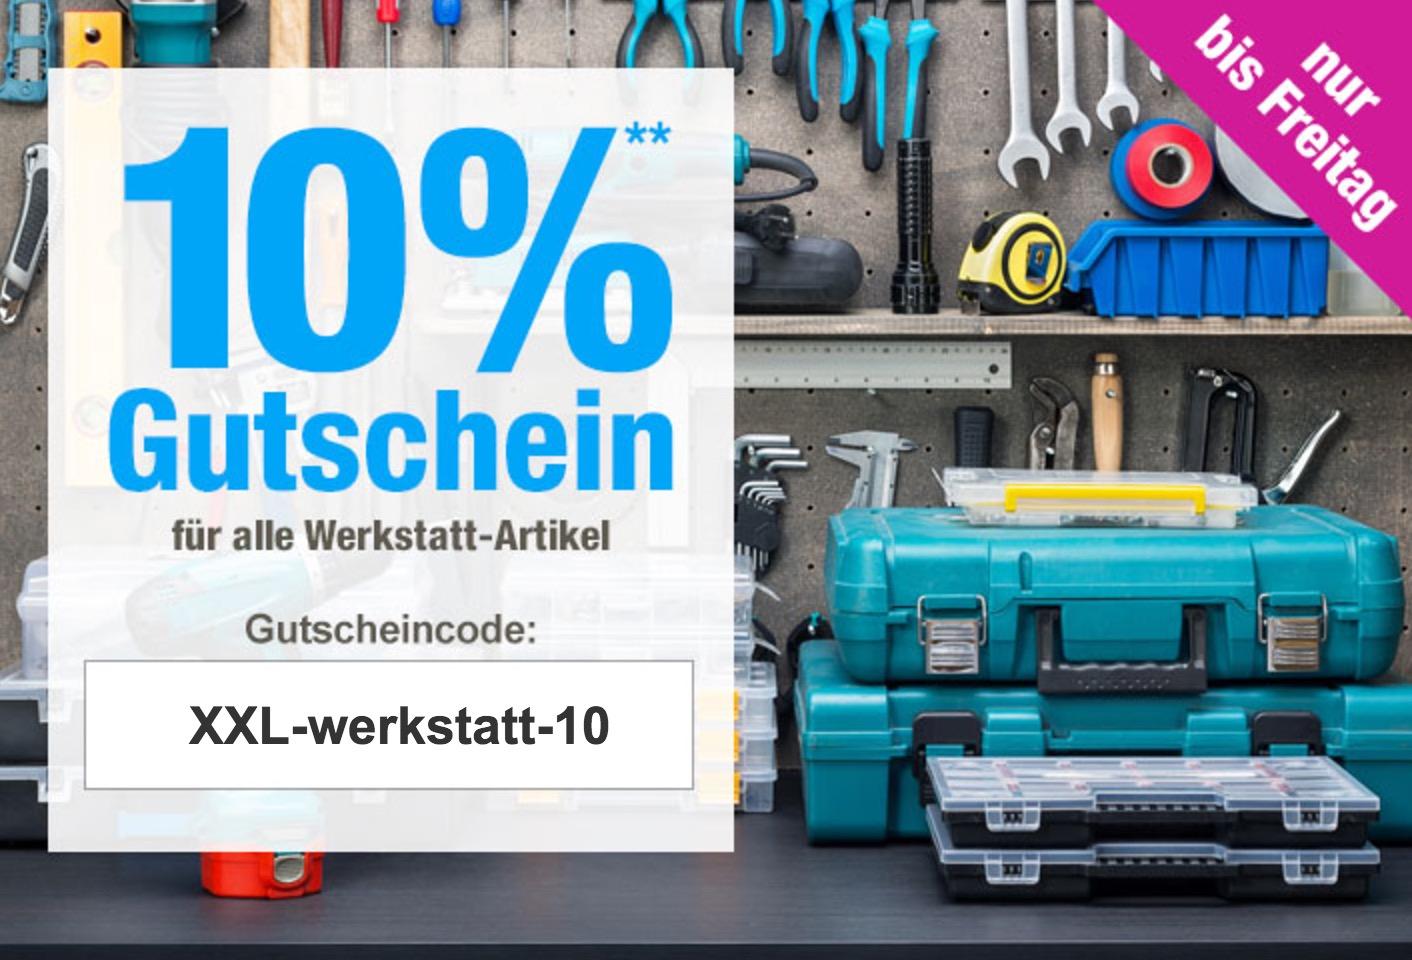 10% Rabatt auf alle Werkstatt-Artikel bei GartenXXL